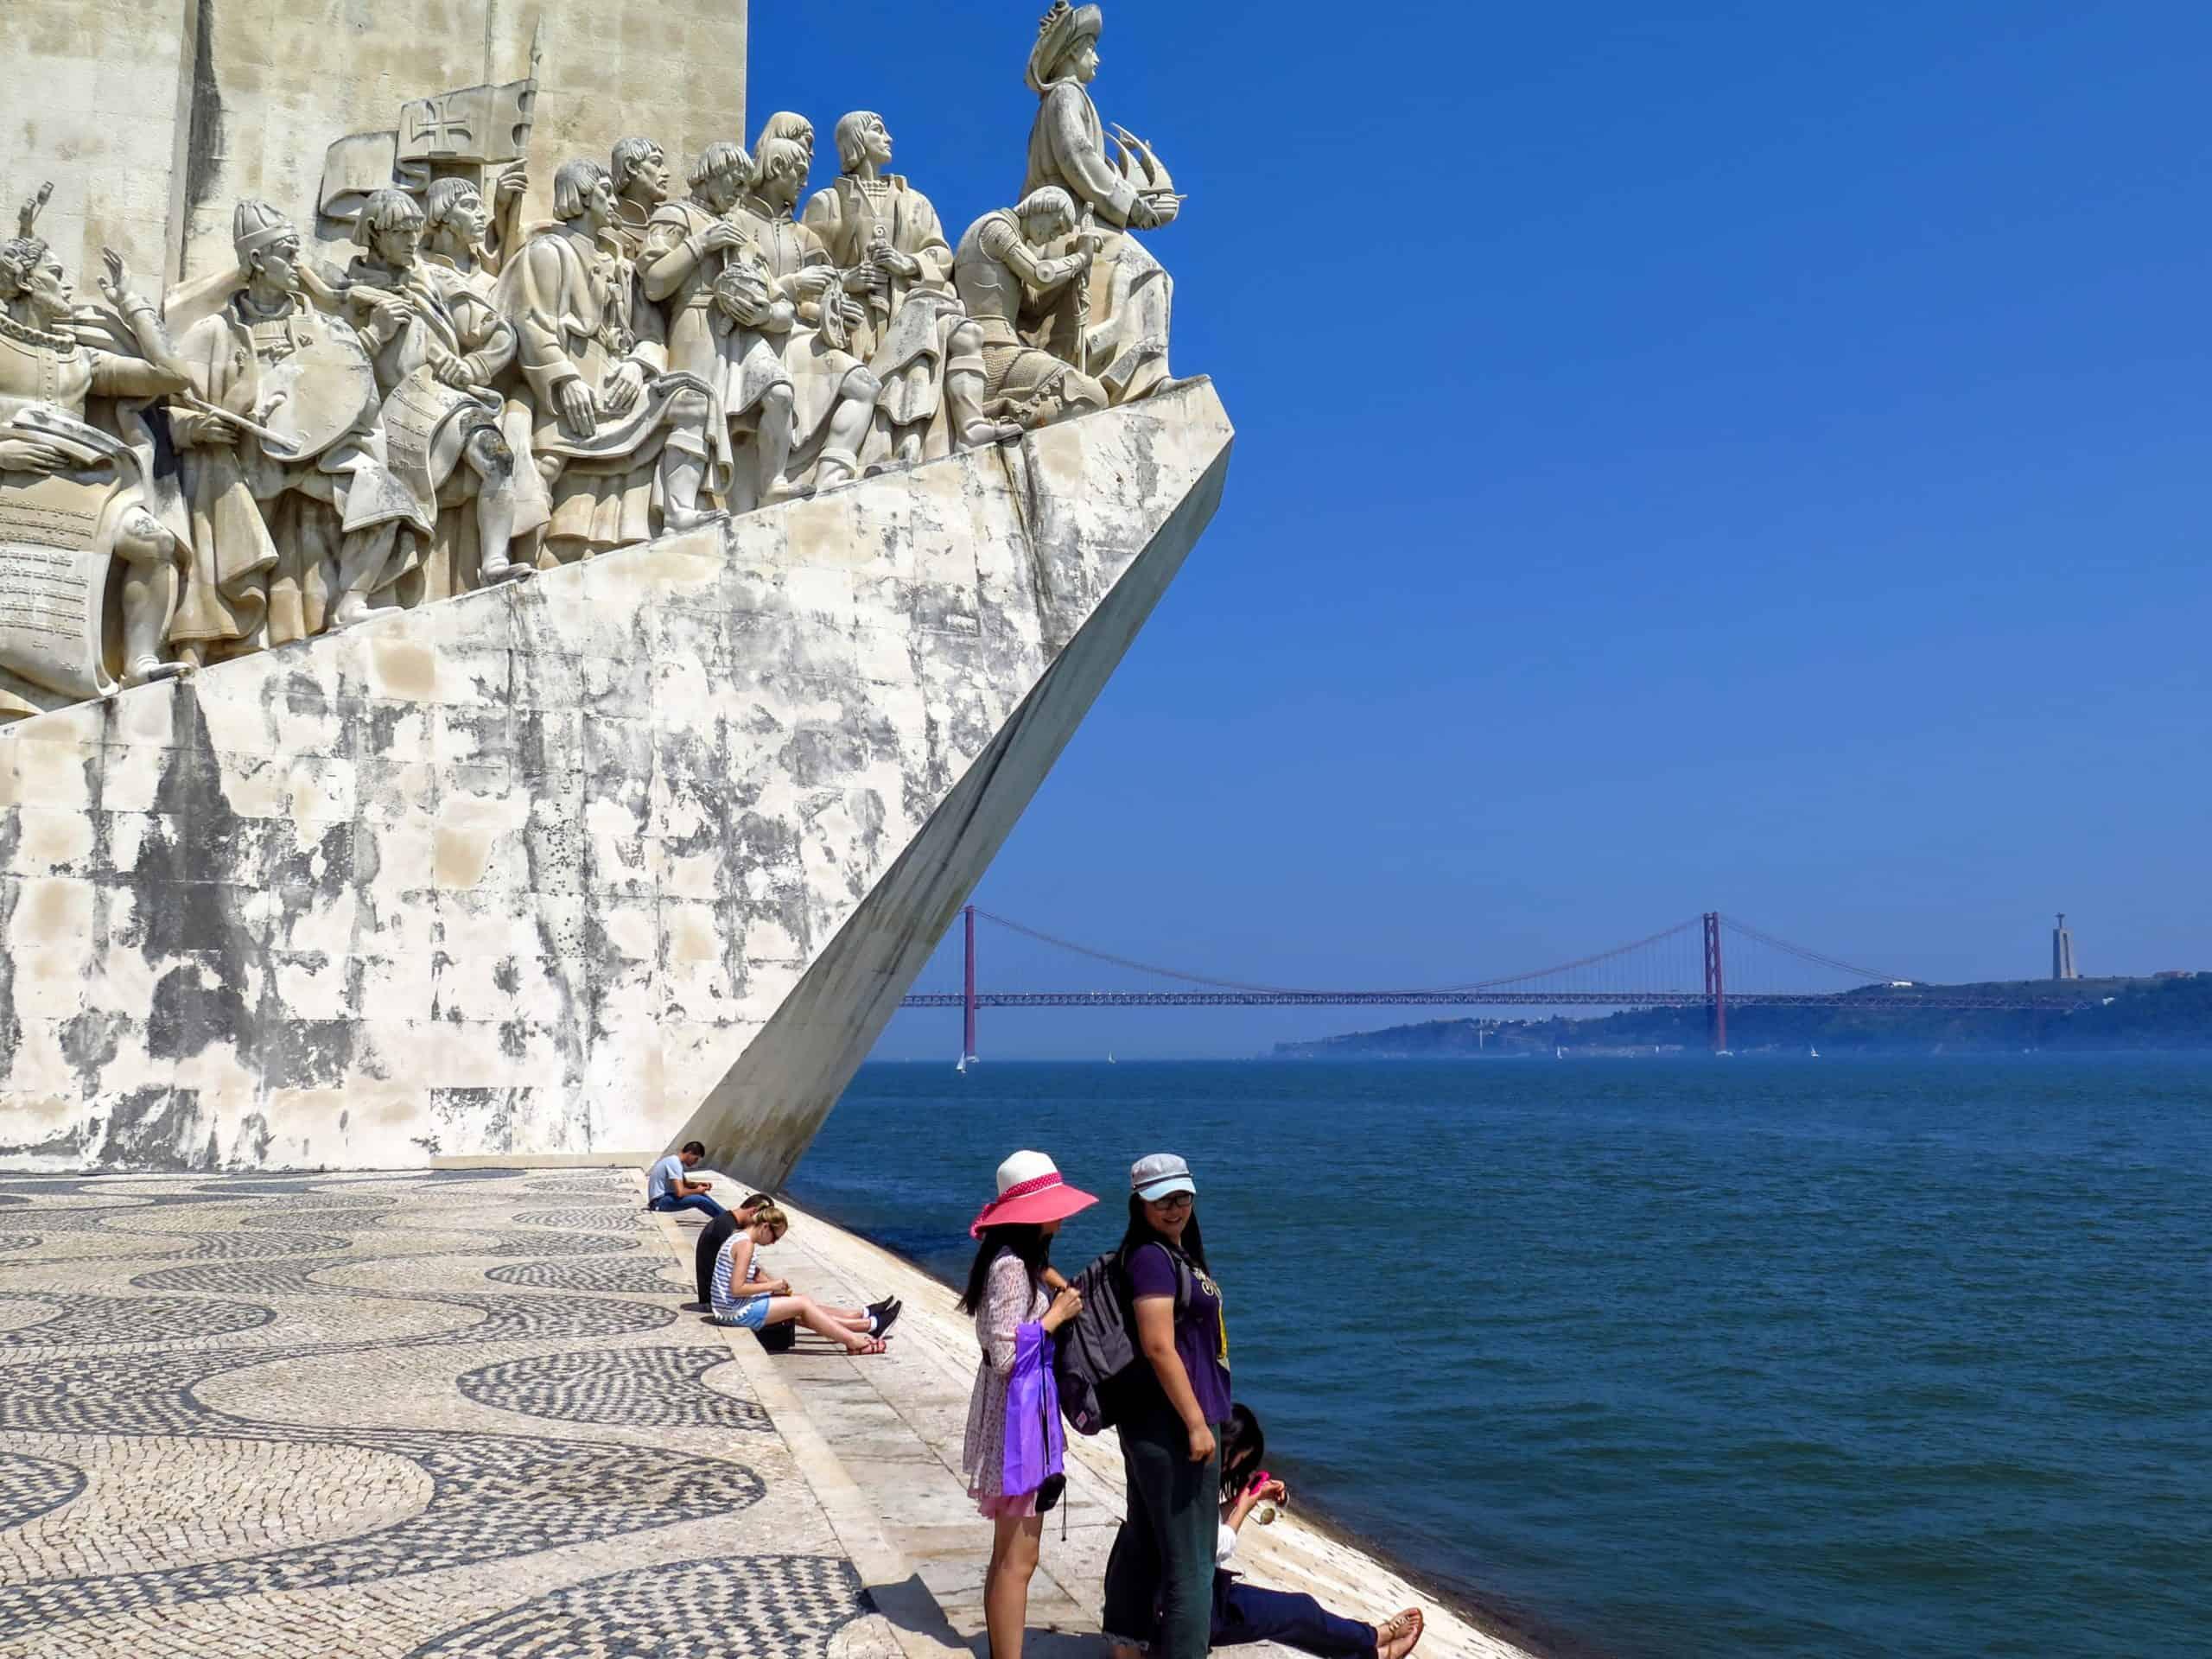 O monumento, o Rio Tejo e a Ponte 25 de Abril.